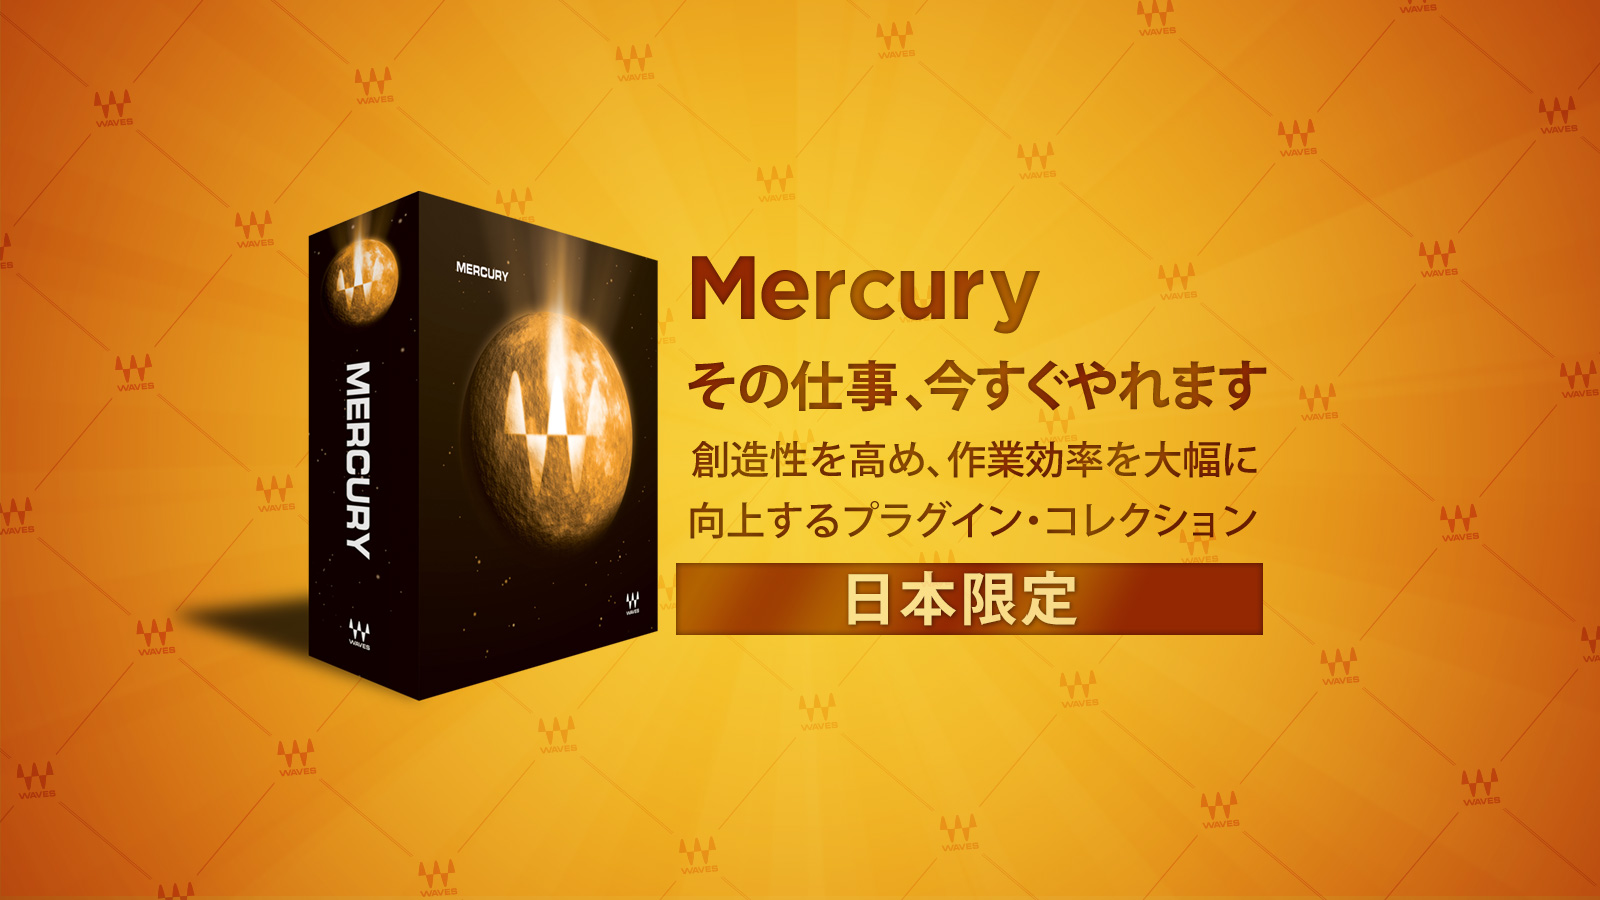 「その仕事、すぐやれます。」Waves Mercury 日本限定バンドル & アップグレード プロモーション